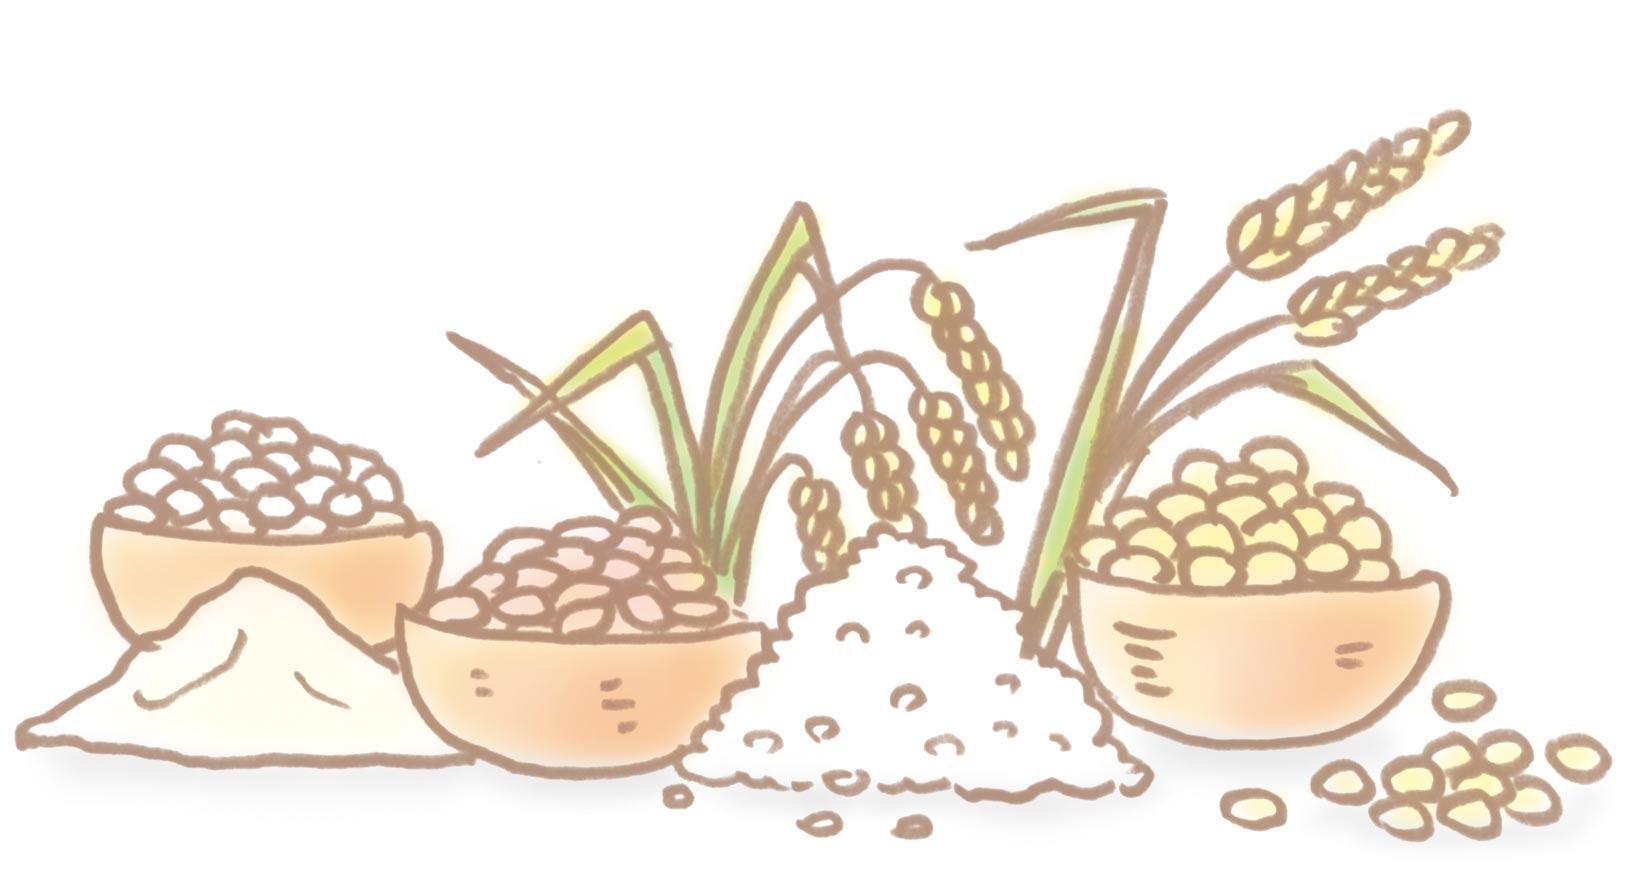 穀物のイラスト